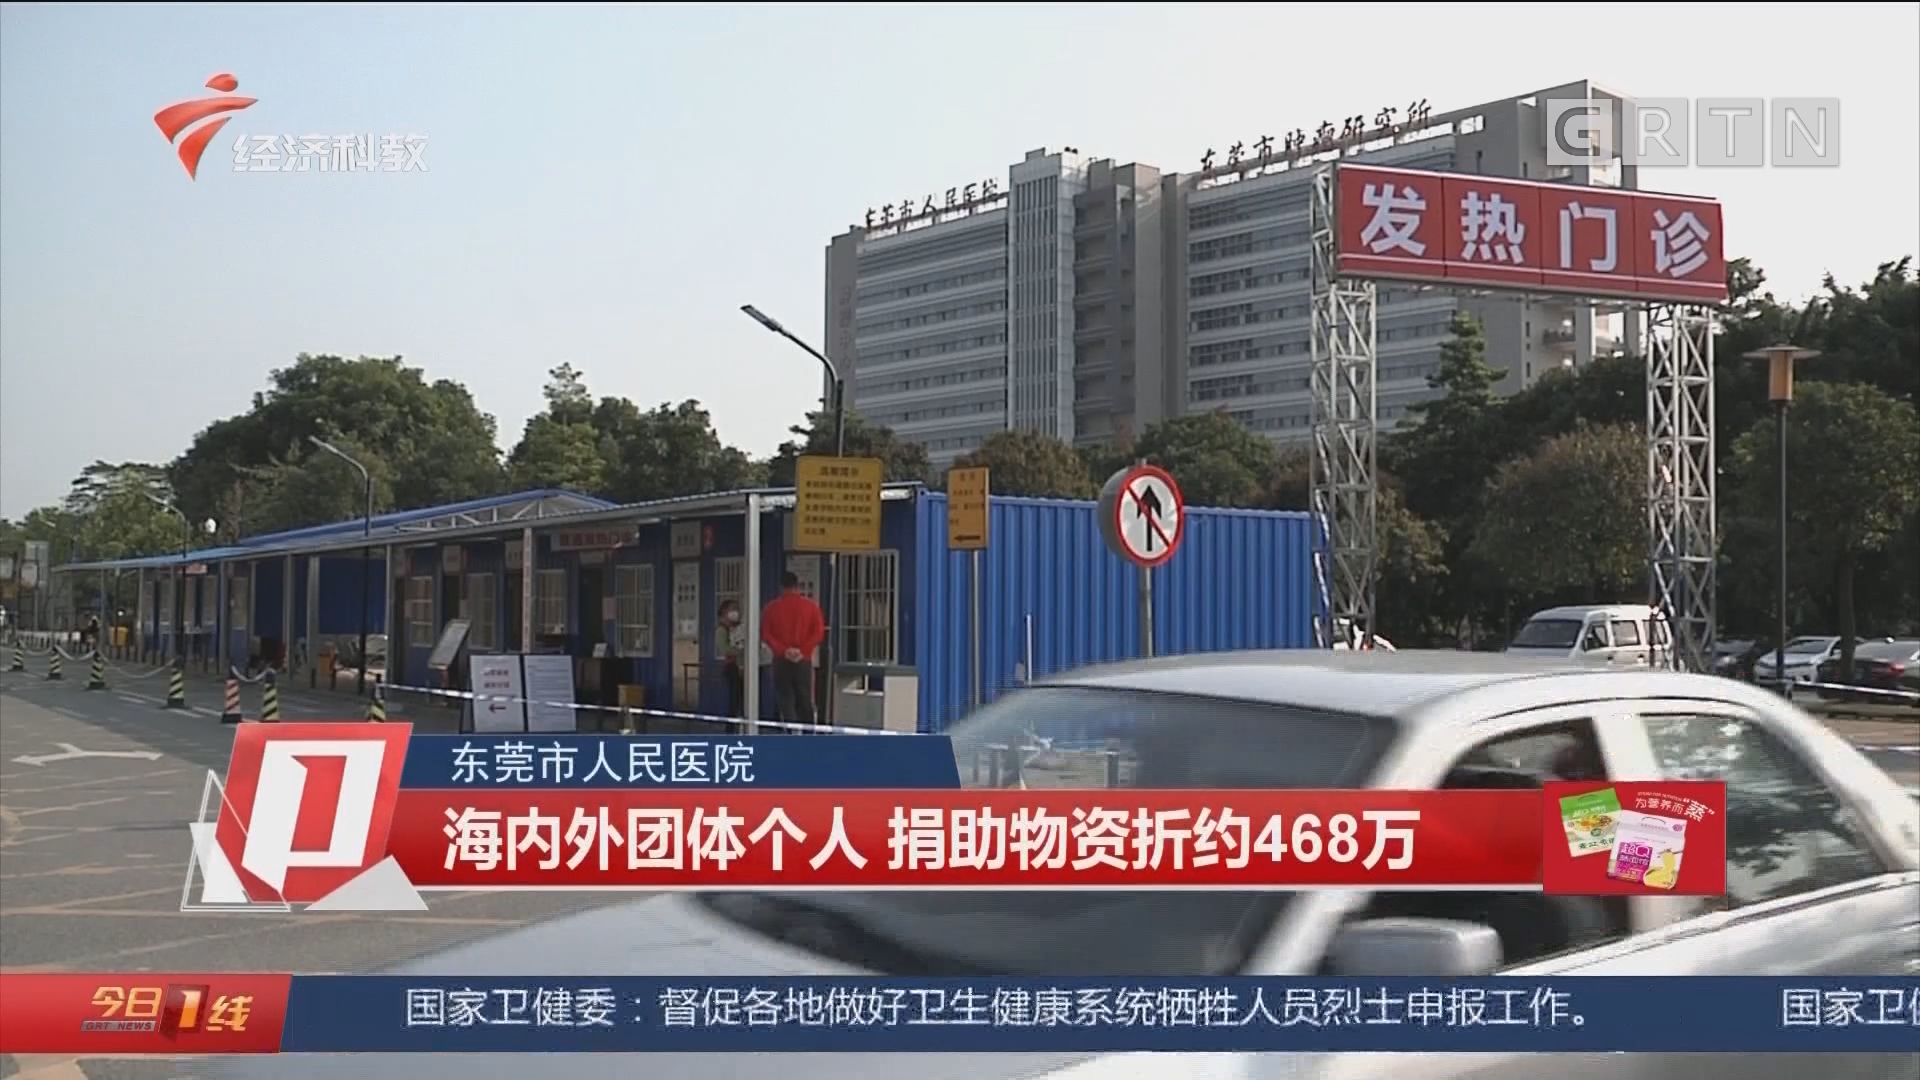 东莞市人民医院:海内外团体个人 捐助物资折约468万